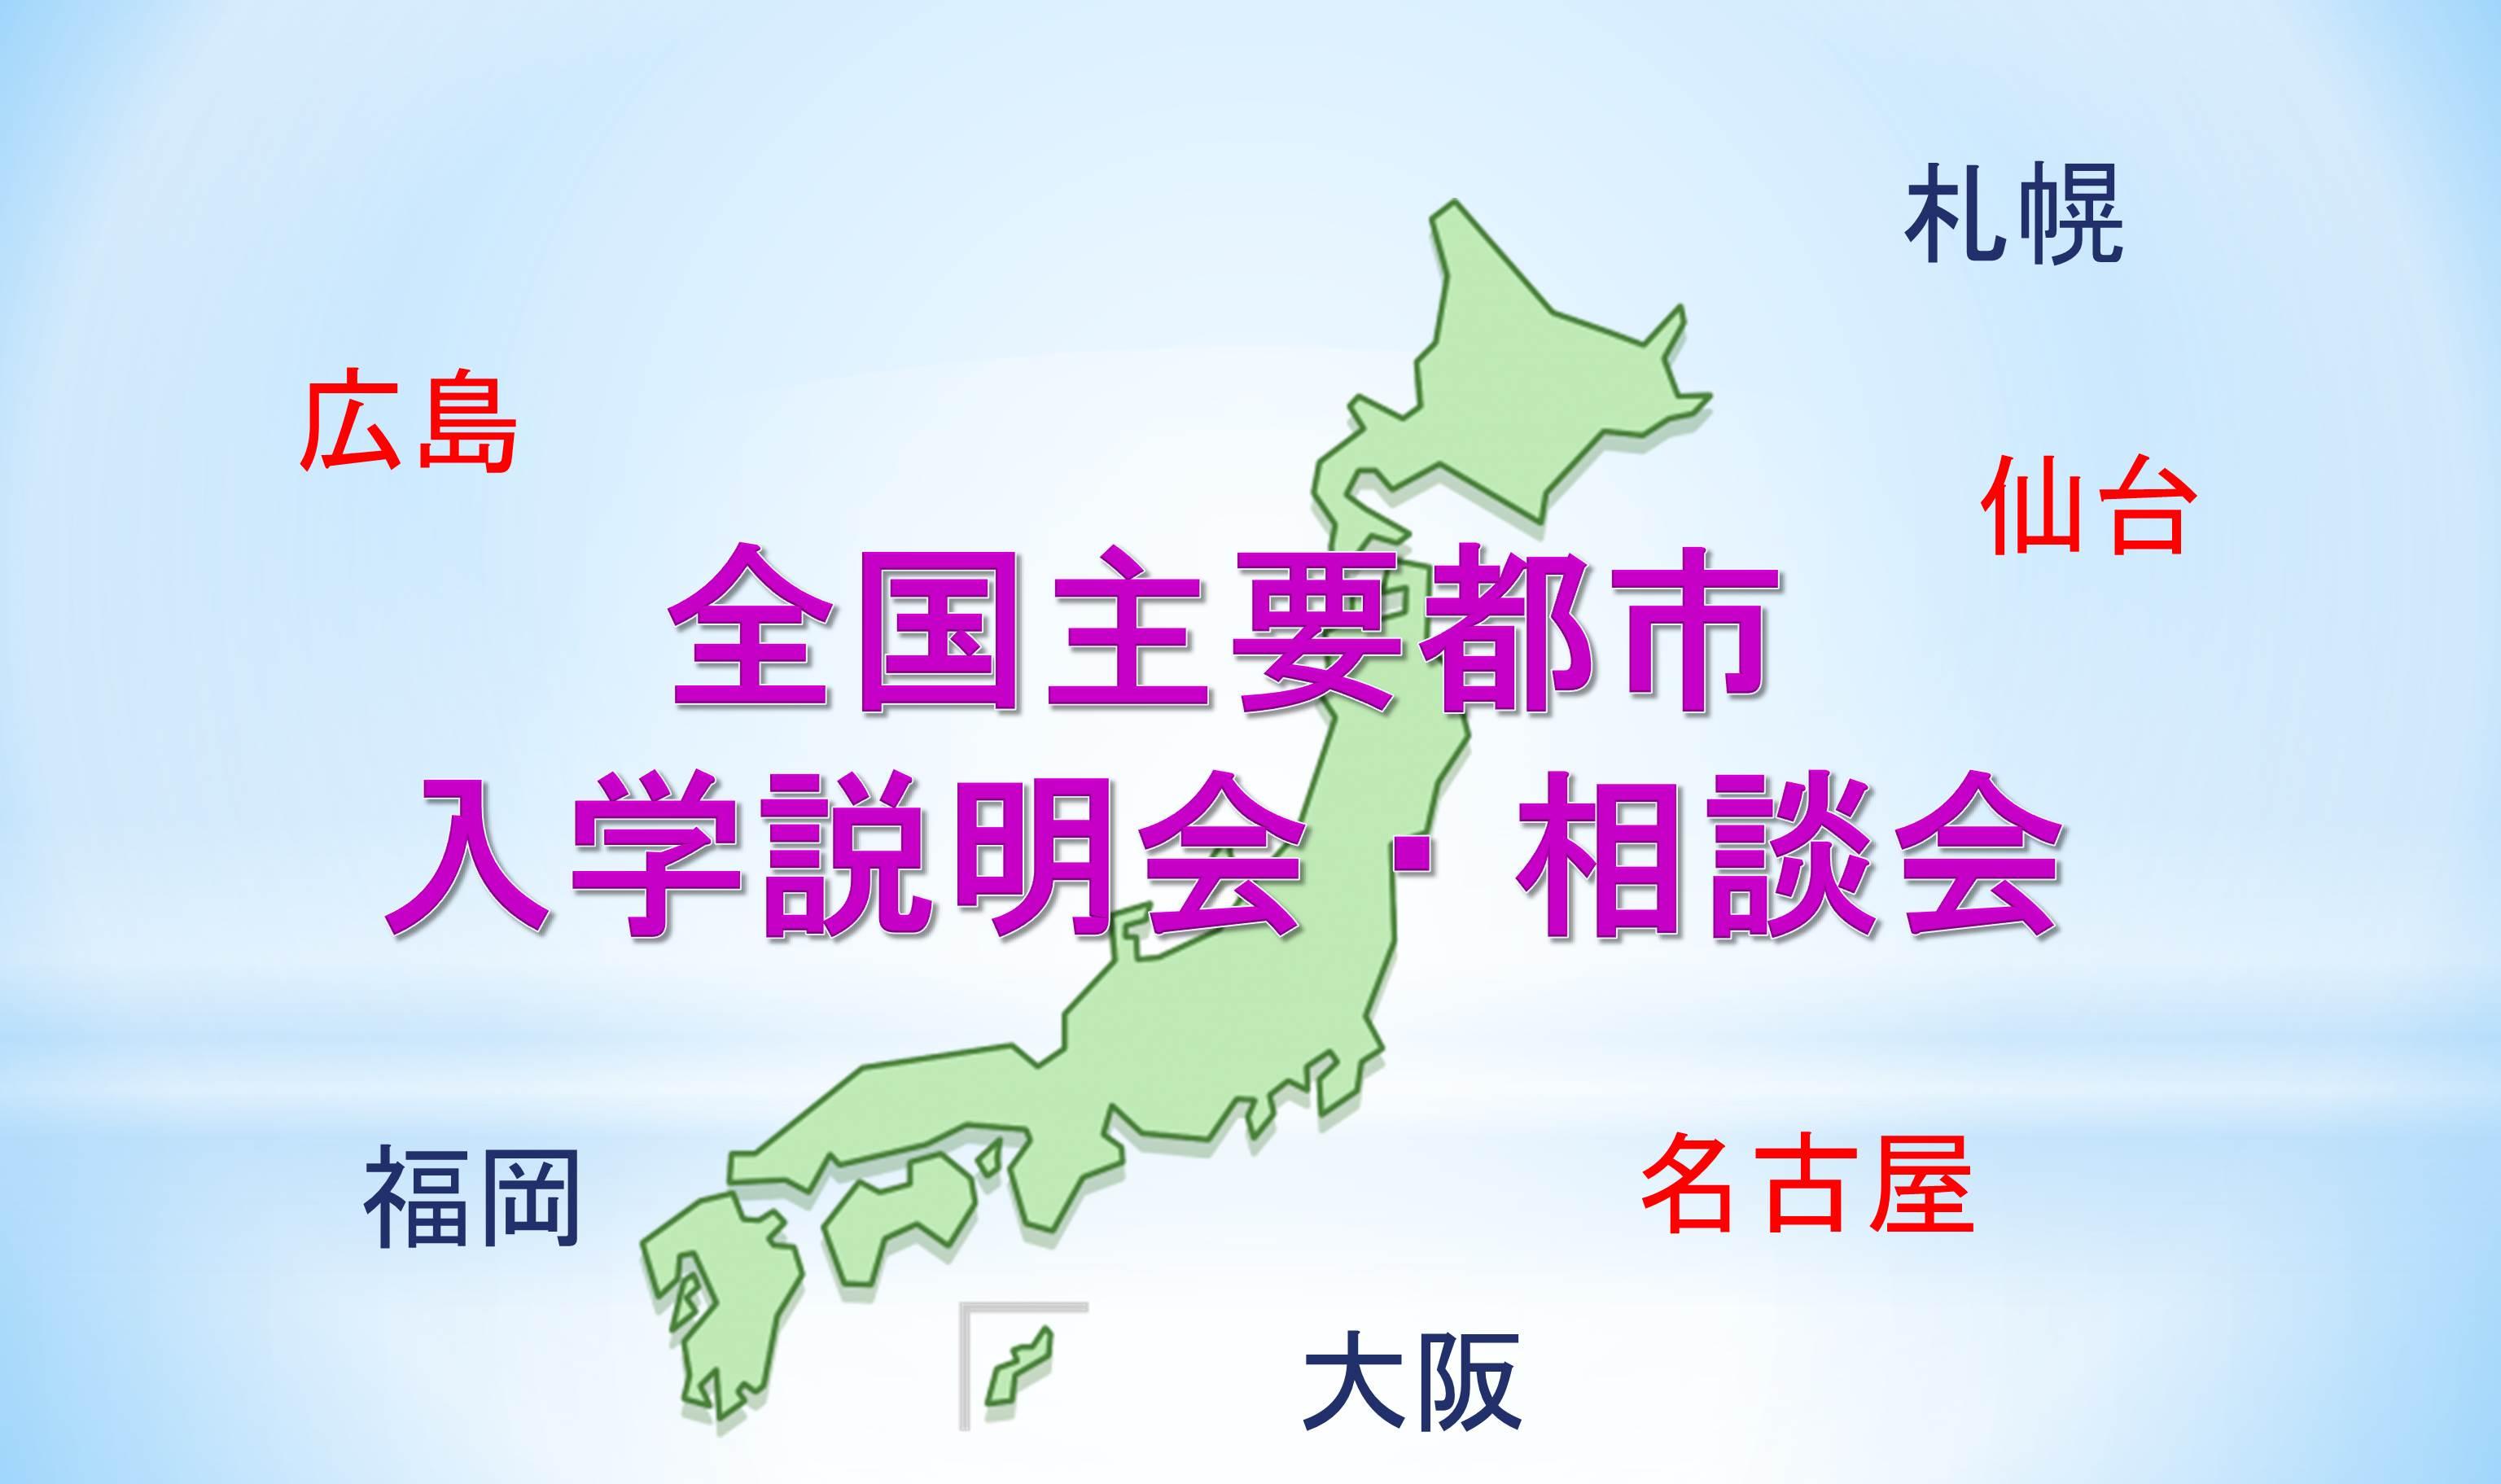 全国主要都市入学説明会(2~3月開催)